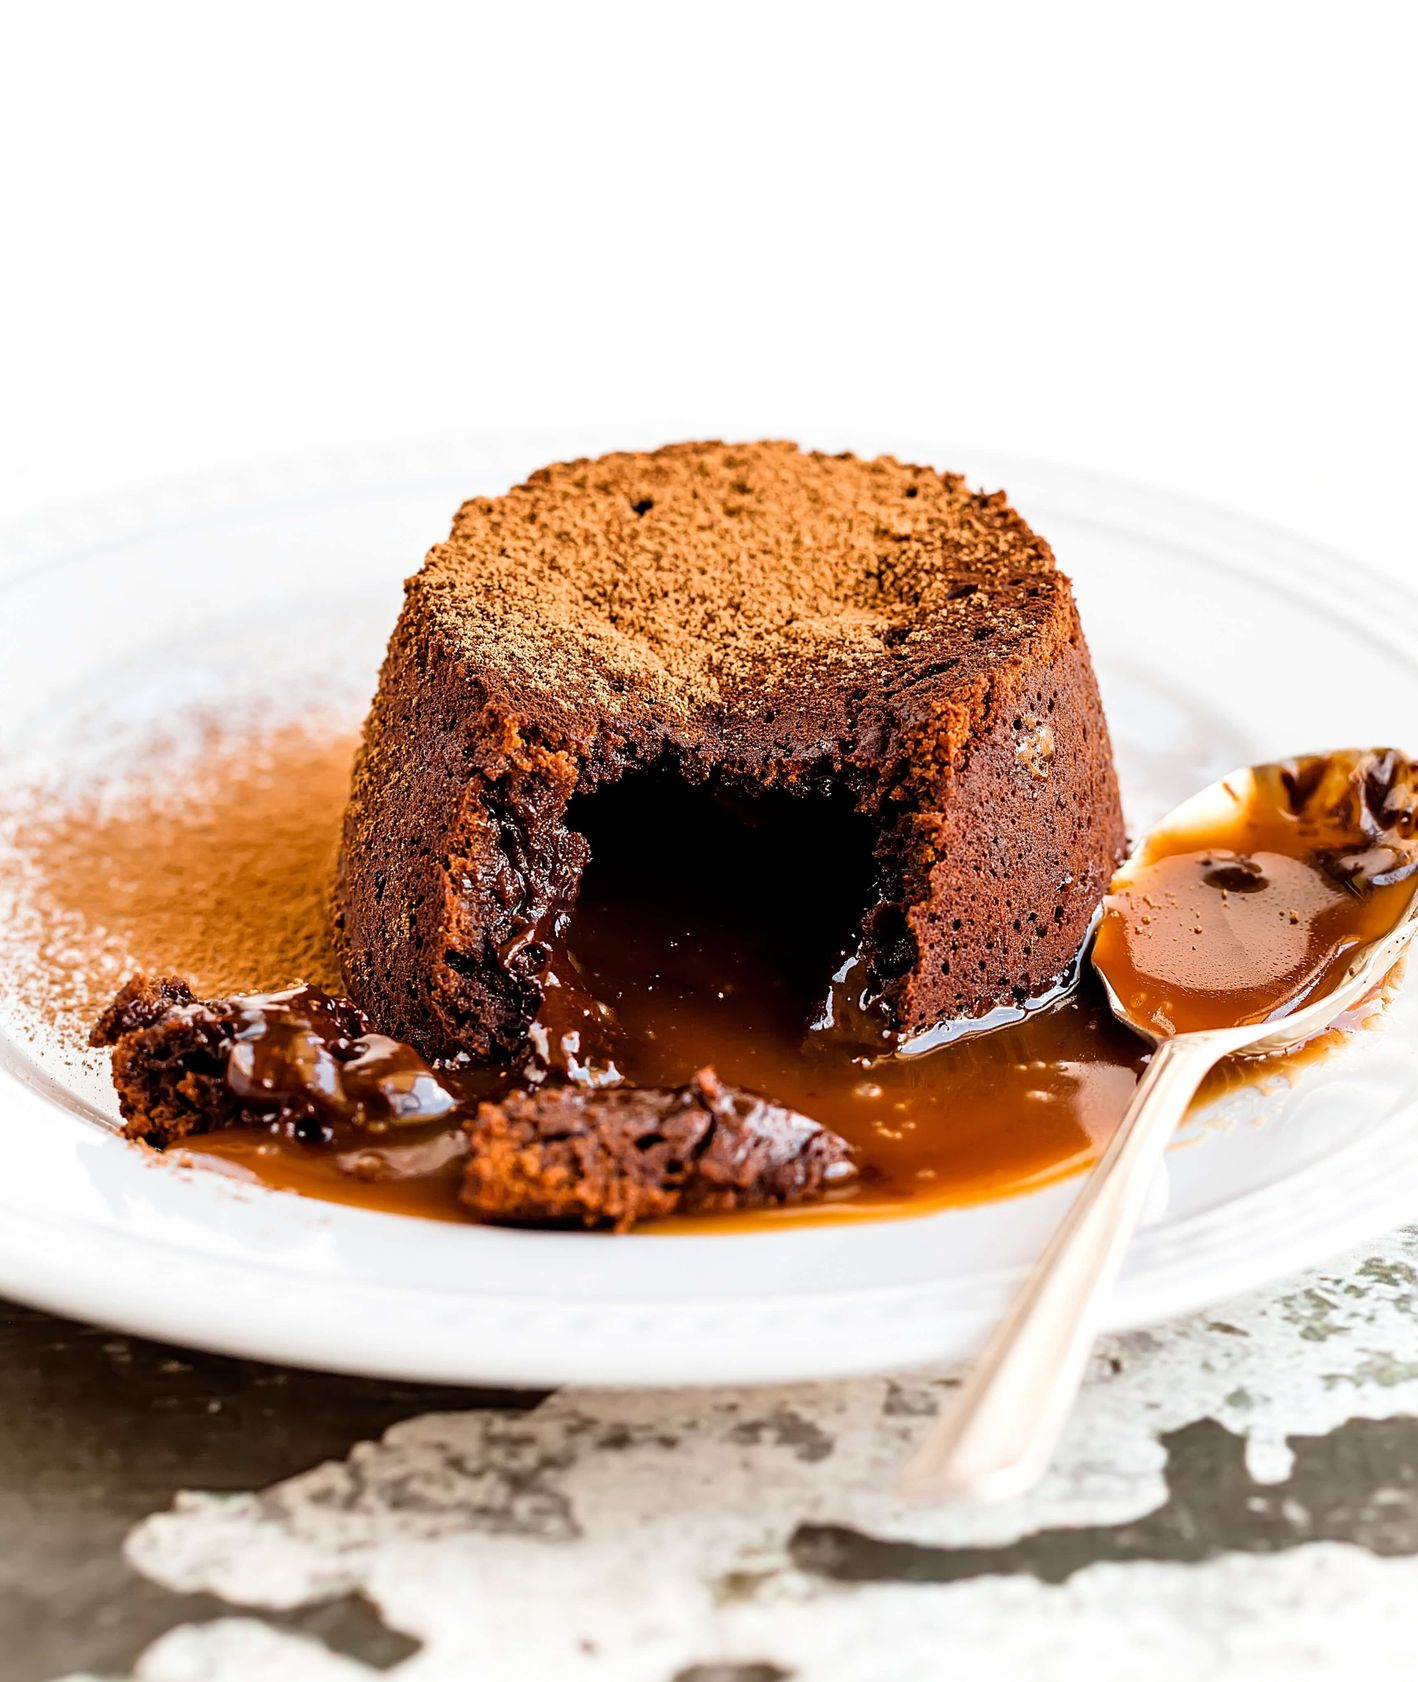 Delikatny fondant, z którego po rozkrojeniu wypływa gorąca jeszcze czekolada (fot. Jennifer Schmidt / unsplash.com)